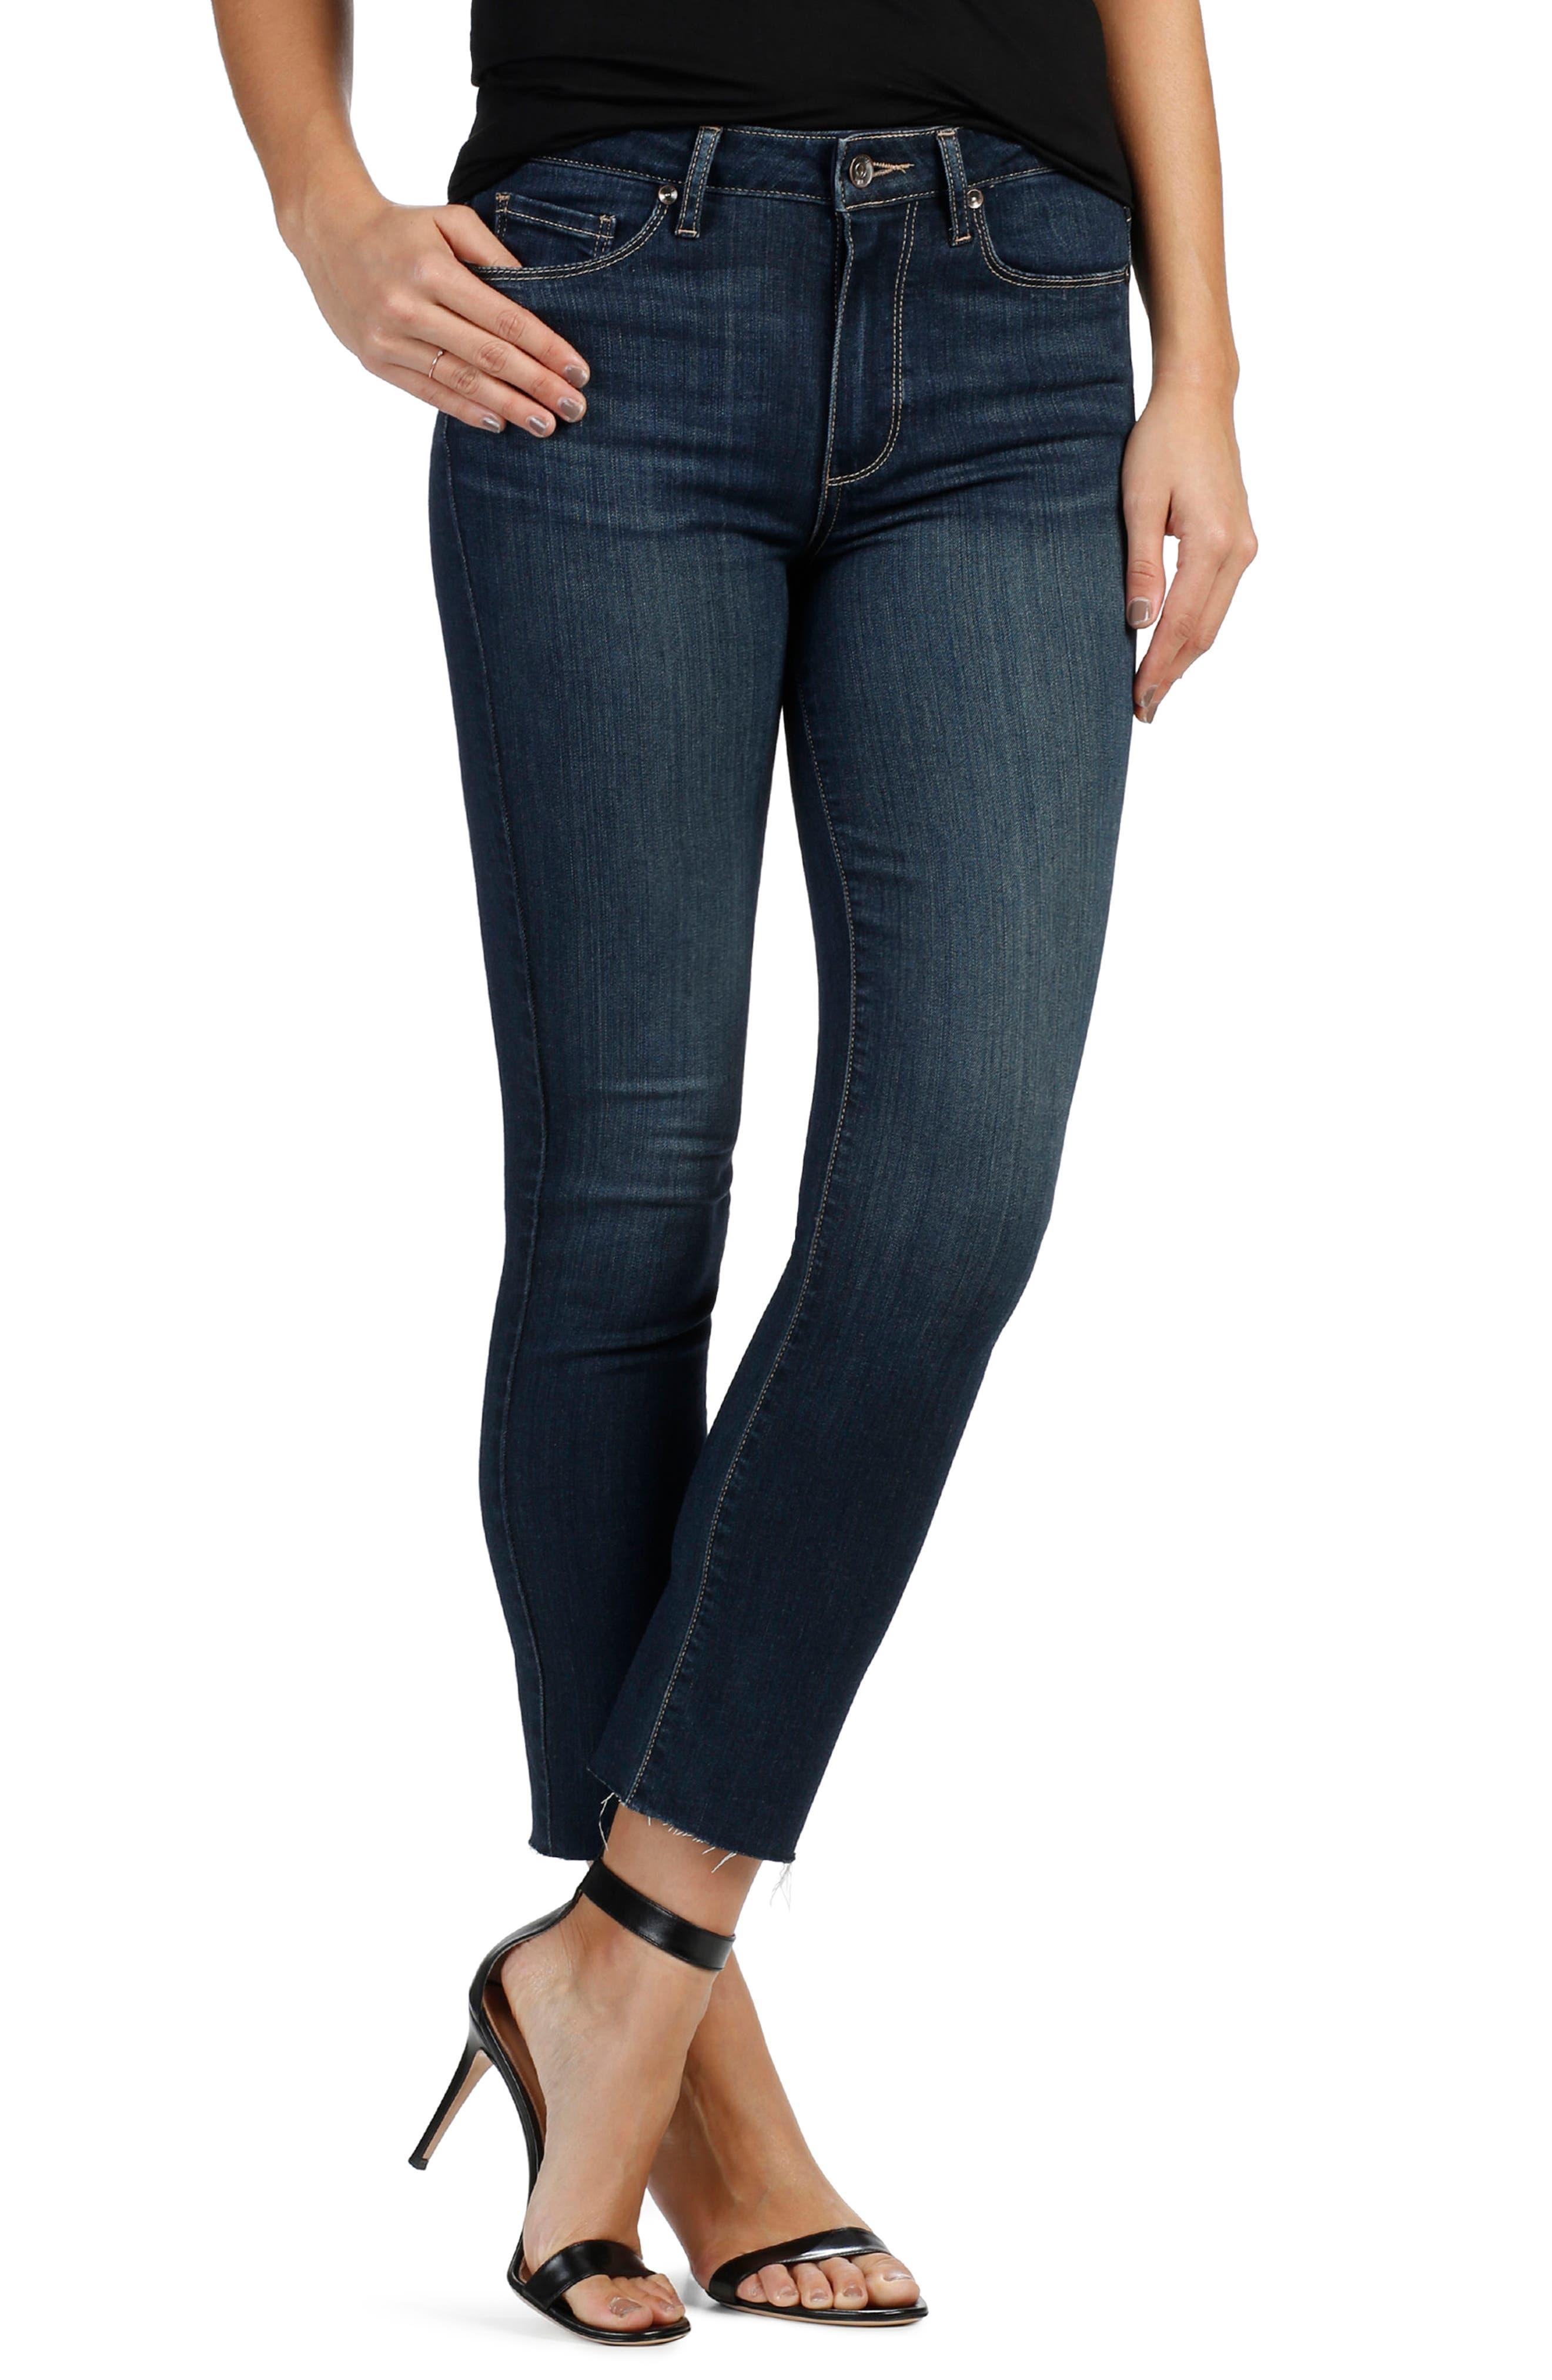 PAIGE Transcend - Jacqueline High Waist Straight Leg Jeans (Drift)